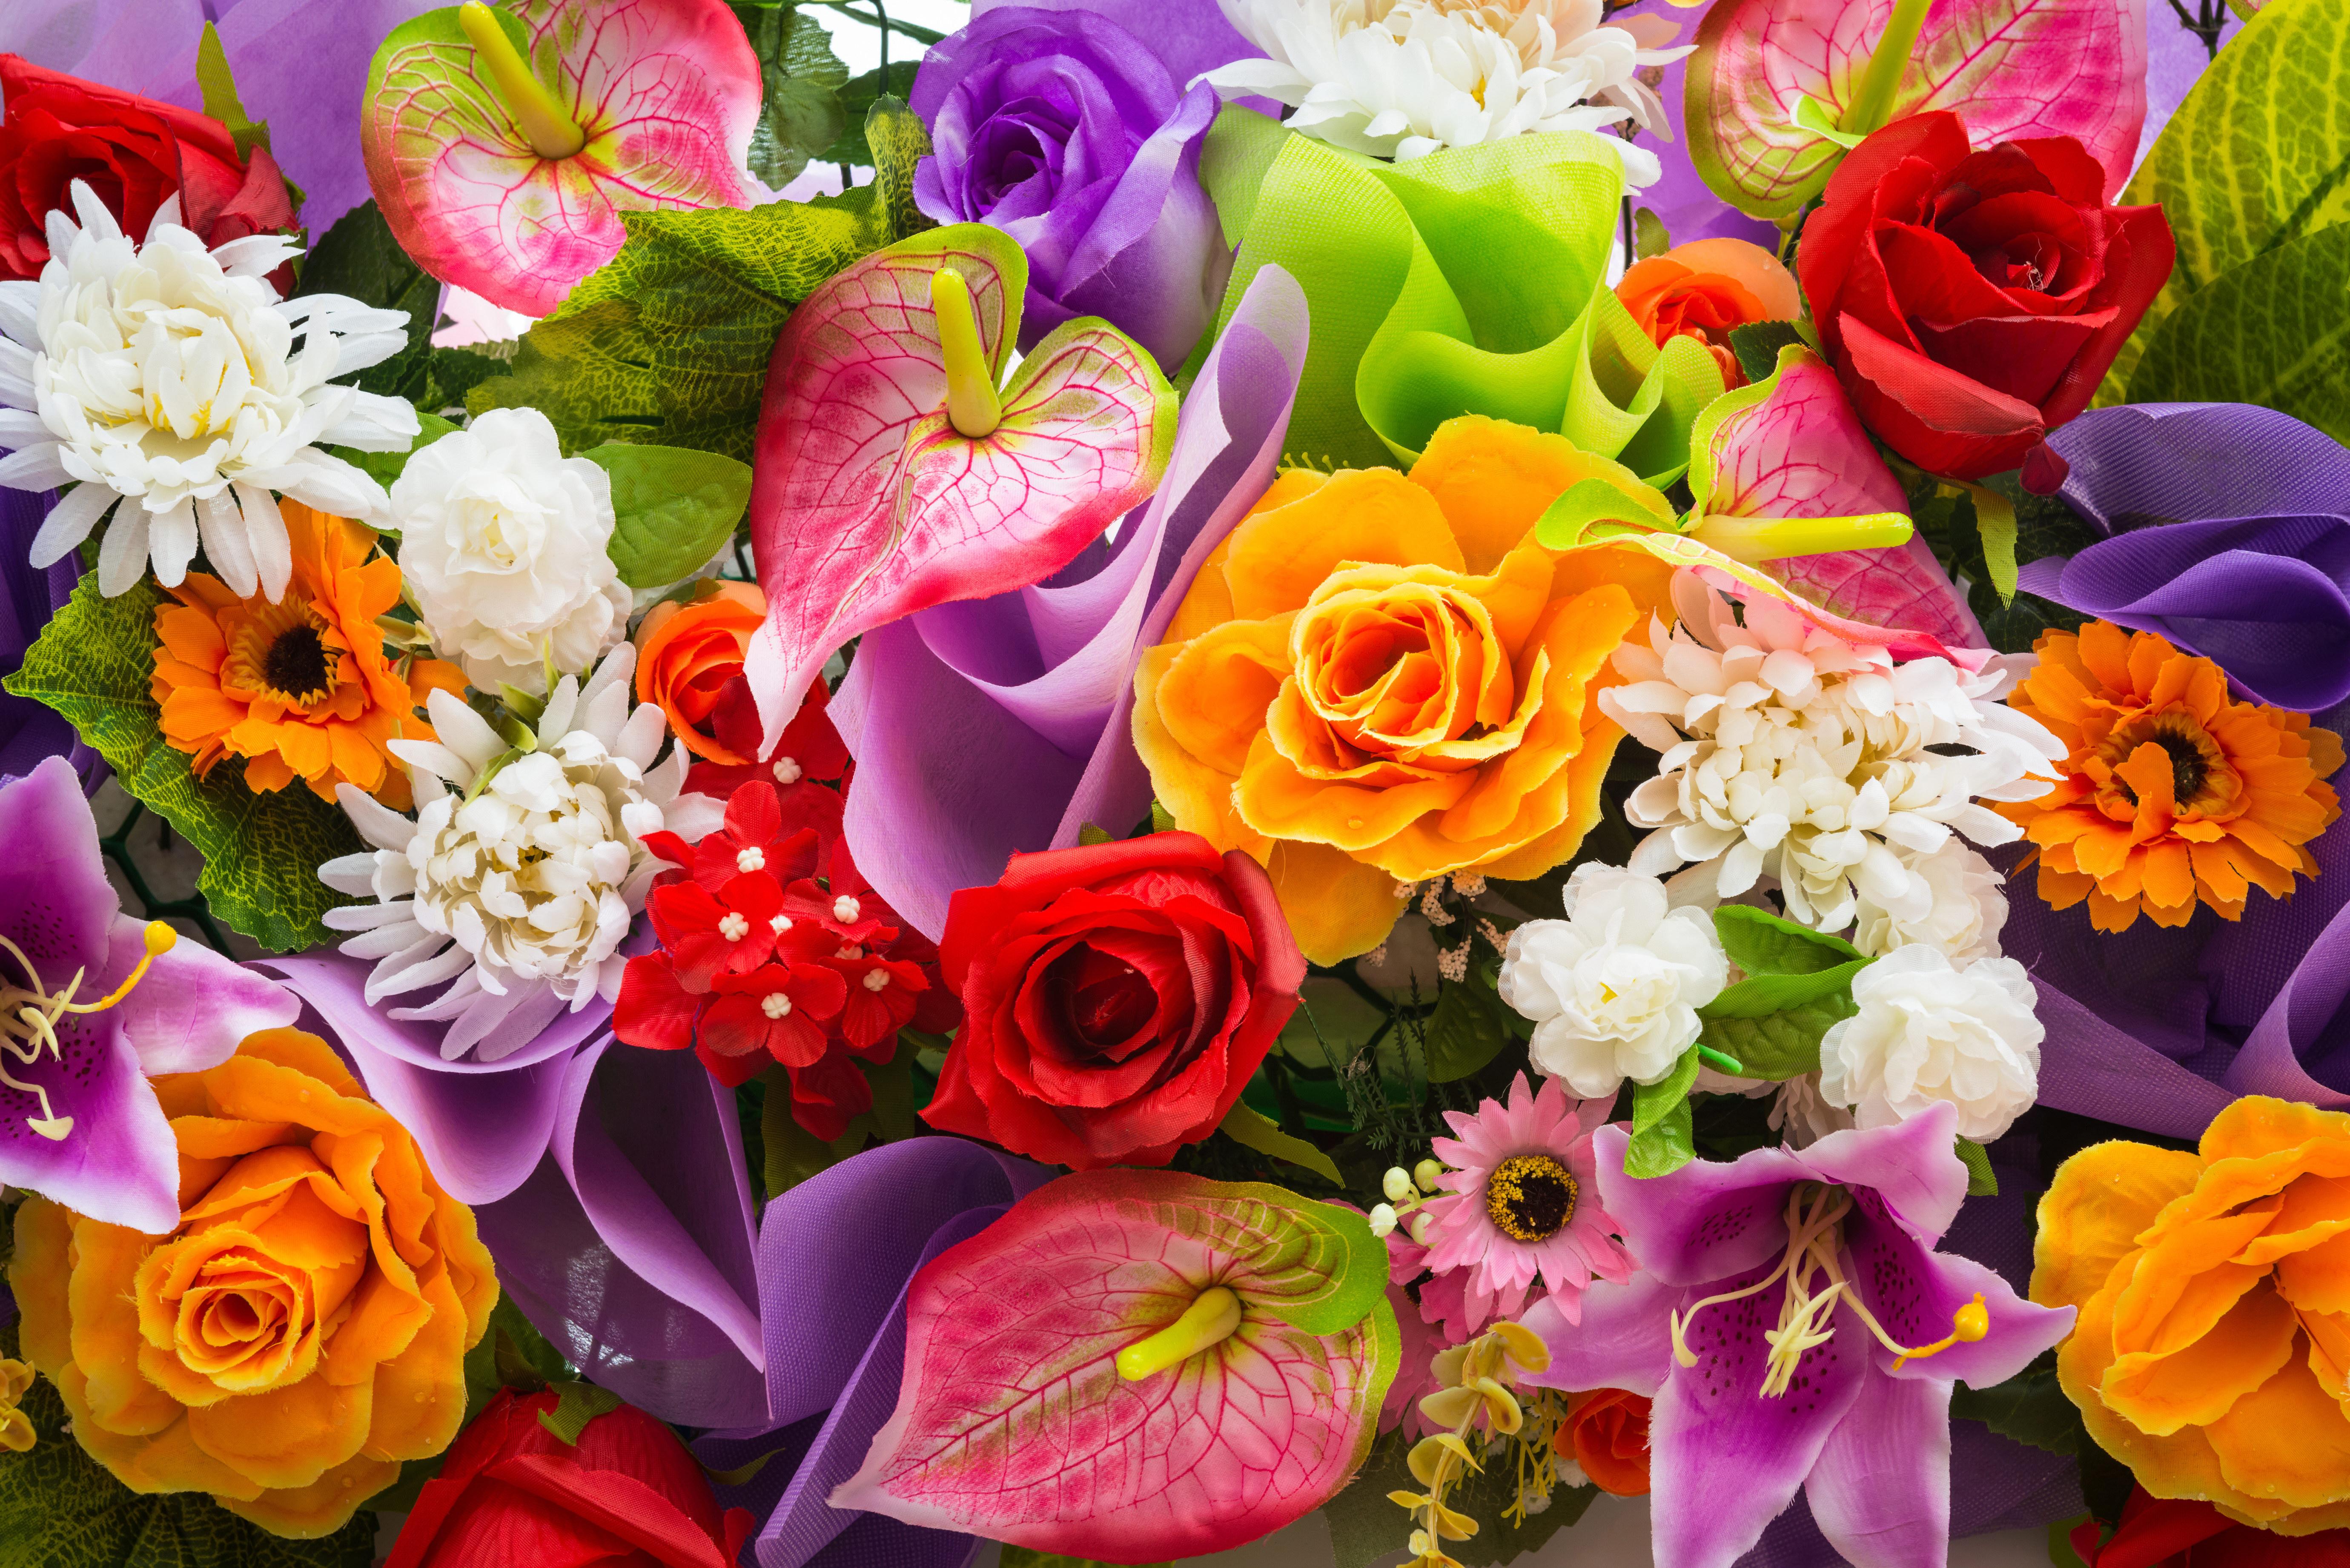 картинки для рабочего стола лилии: